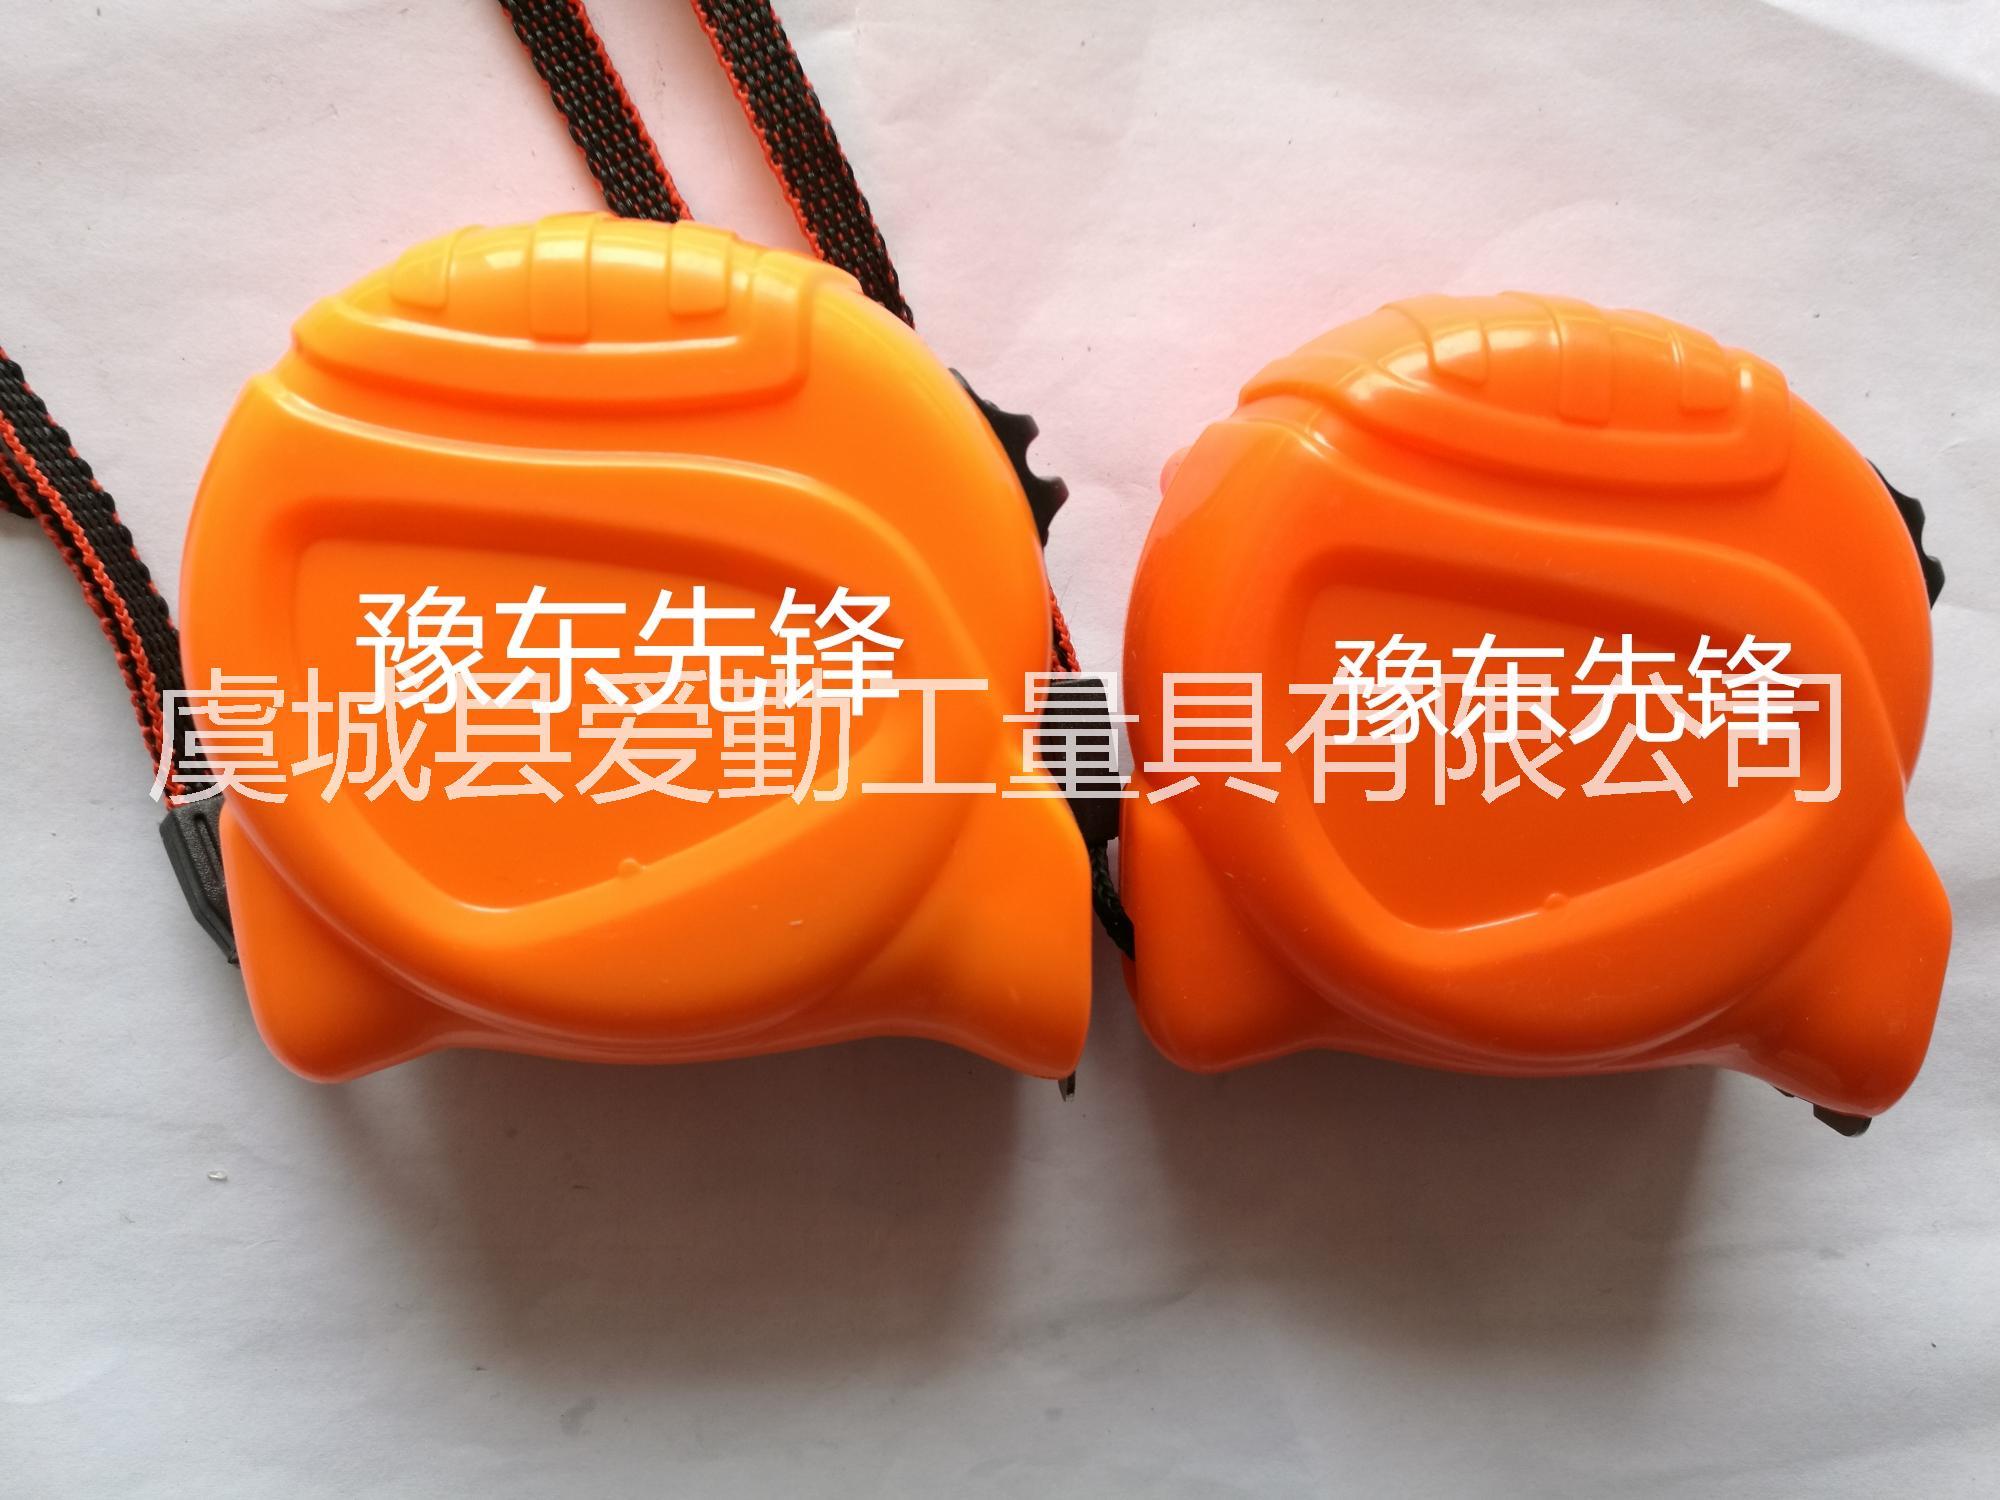 豫东先锋卷尺厂家定做 非标尺纤维 卷尺价格 卷尺品牌定做